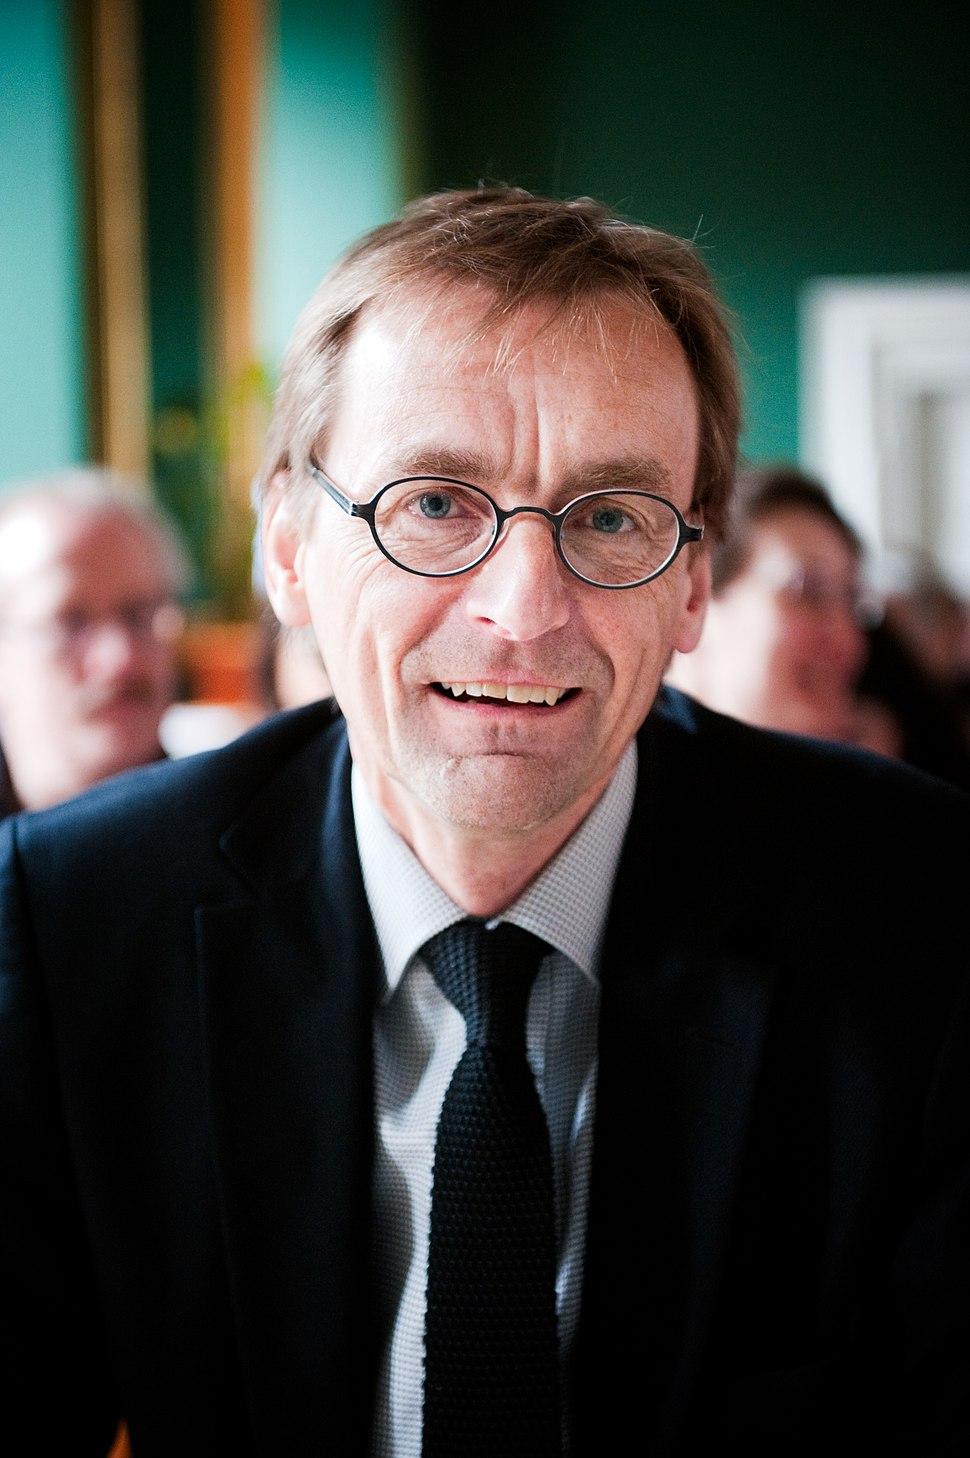 Torben M. Andersen professor i nationalekonomi arhus universitet pa konferensen Fiscal consequences of the crises, som anornades av de nordiska finansministrarna 2010-03-22